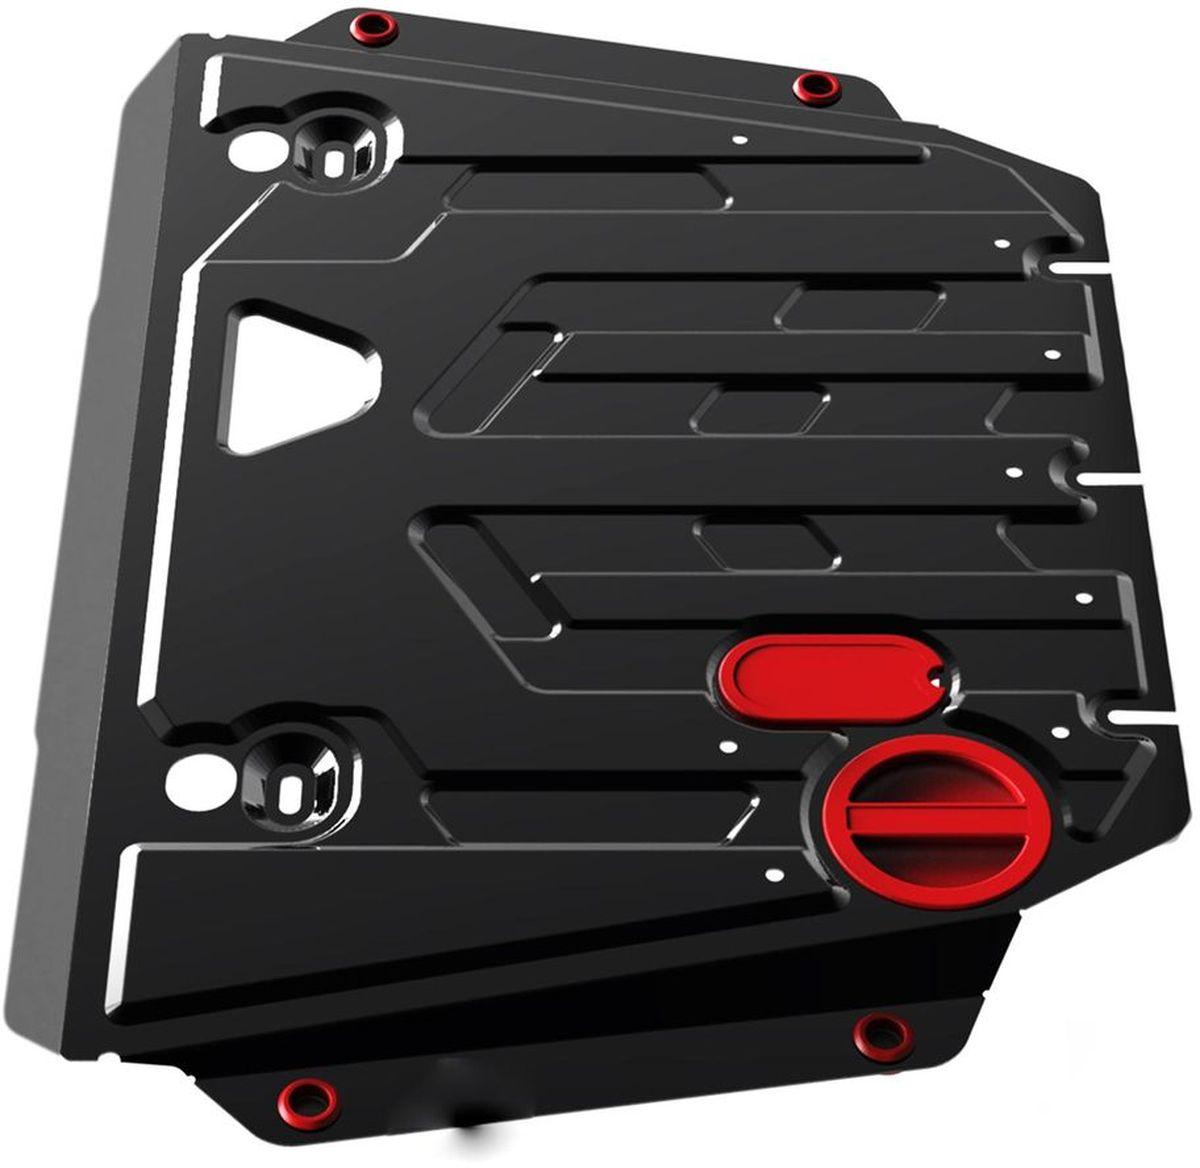 Защита картера и КПП Автоброня, для Hyundai Santa Fe, V - 2,4i 2,2d (2012-)111.02341.1Технологически совершенный продукт за невысокую стоимость. Защита разработана с учетом особенностей днища автомобиля, что позволяет сохранить дорожный просвет с минимальным изменением. Защита устанавливается в штатные места кузова автомобиля. Глубокий штамп обеспечивает до двух раз больше жесткости в сравнении с обычной защитой той же толщины. Проштампованные ребра жесткости препятствуют деформации защиты при ударах. Тепловой зазор и вентиляционные отверстия обеспечивают сохранение температурного режима двигателя в норме. Скрытый крепеж предотвращает срыв крепежных элементов при наезде на препятствие. Шумопоглощающие резиновые элементы обеспечивают комфортную езду без вибраций и скрежета металла, а съемные лючки для слива масла и замены фильтра - экономию средств и время. Конструкция изделия не влияет на пассивную безопасность автомобиля (при ударе защита не воздействует на деформационные зоны кузова). Со штатным крепежом. В комплекте инструкция по установке....